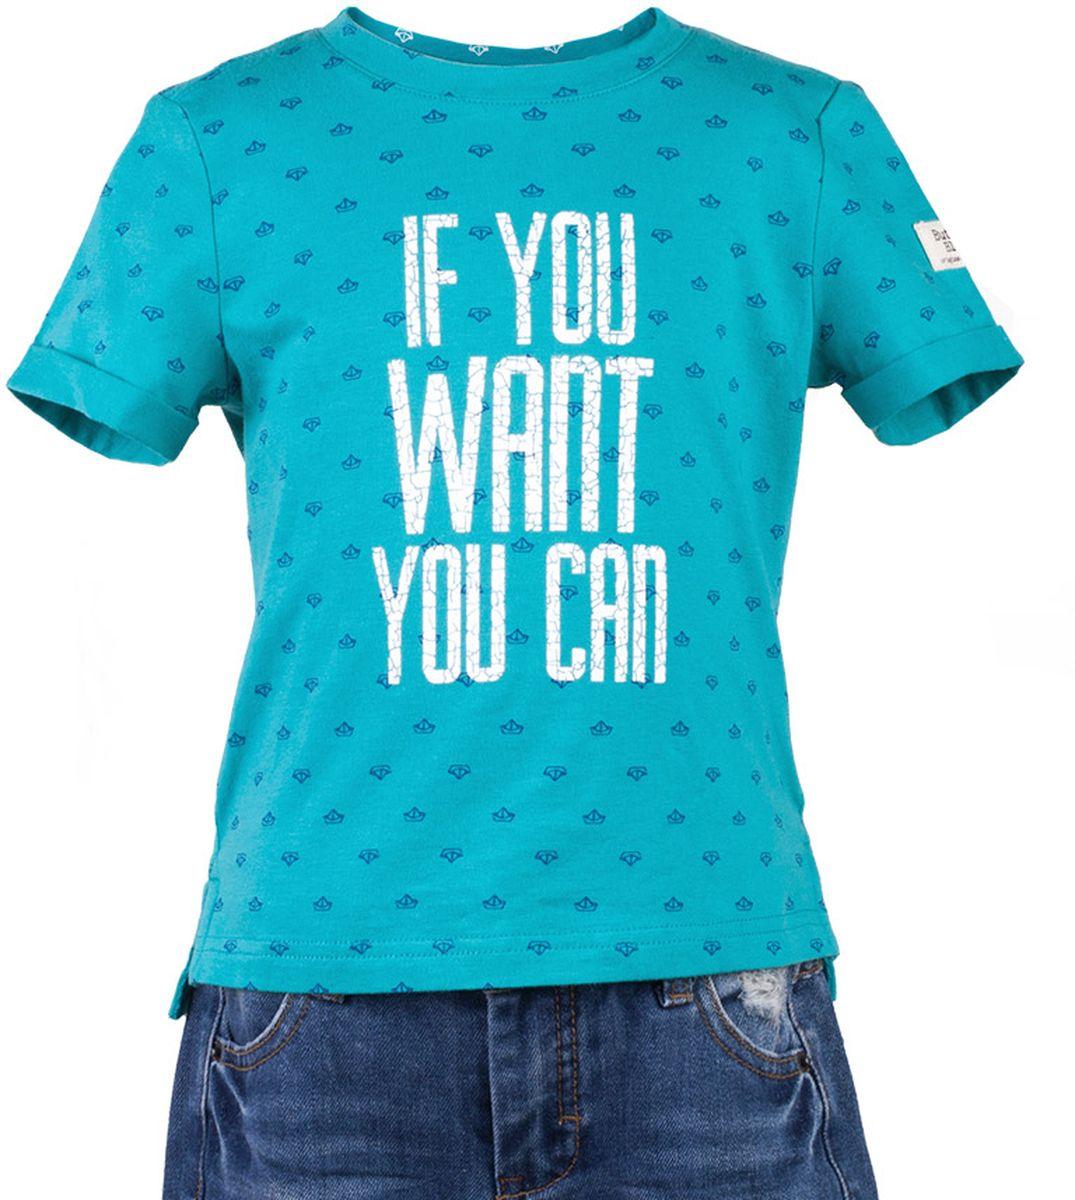 Футболка117BBBC12042813Яркие футболки с рисунком - хит сезона Весна/Лето 2017! Динамичный принт создает летнее настроение и делает модель яркой и запоминающейся. Если вы решили купить недорогую футболку для мальчика, обратите внимание на модель от Button Blue! Эта футболка станет выразительным акцентом повседневного образа, сделав каждый комплект оригинальным и необычным. Низкая цена не окажет влияния на бюджет семьи, позволив создать интересный базовый гардероб для долгожданных каникул!